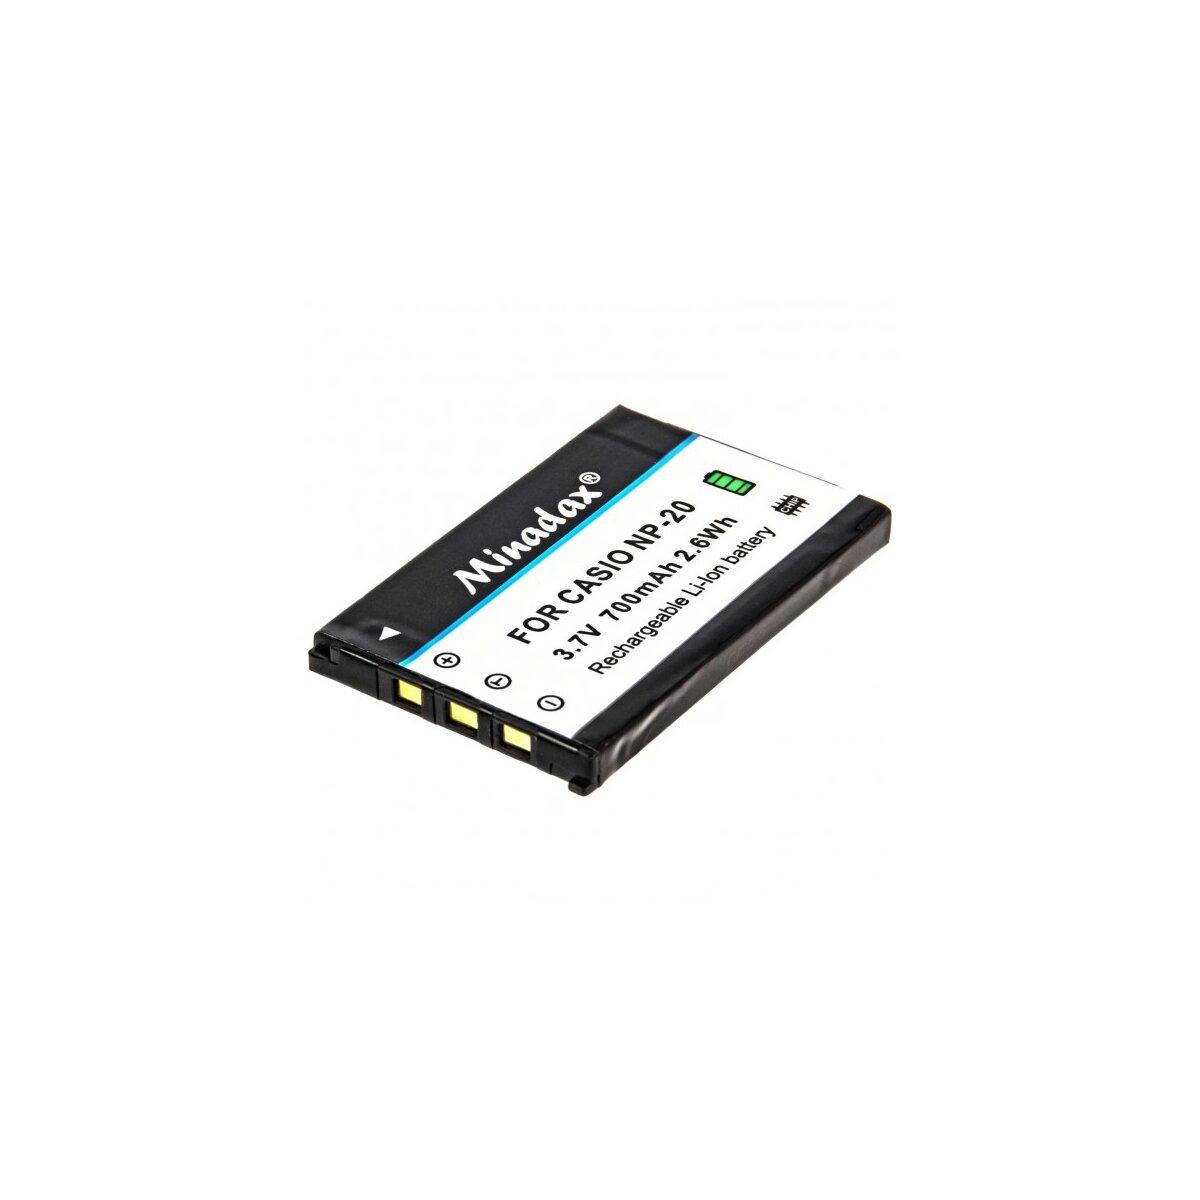 Minadax Qualitätsakku mit echten 700 mAh kompatibel für Casio EX Serie, Ersatz für NP-20 - Intelligentes Akkusystem mit Chip